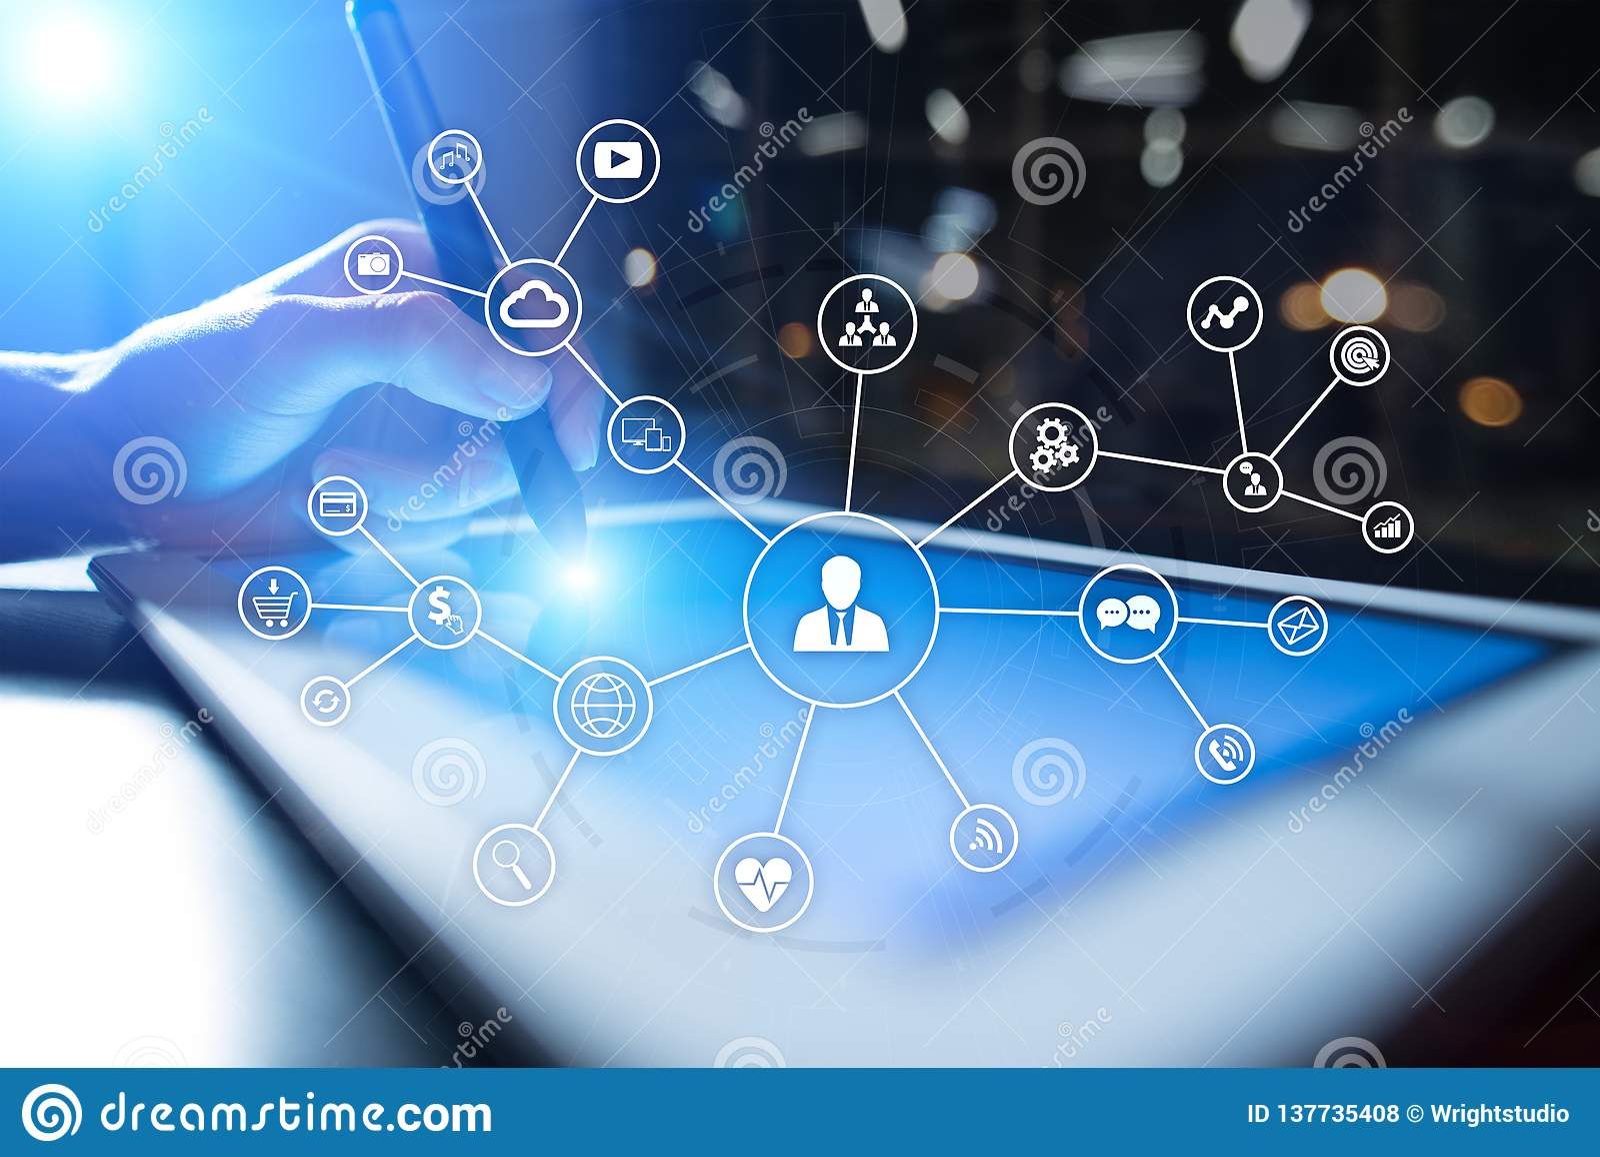 Sociaal media netwerk en marketing concept op het virtuele scherm De bedrijfstechnologie van Internet en SMM